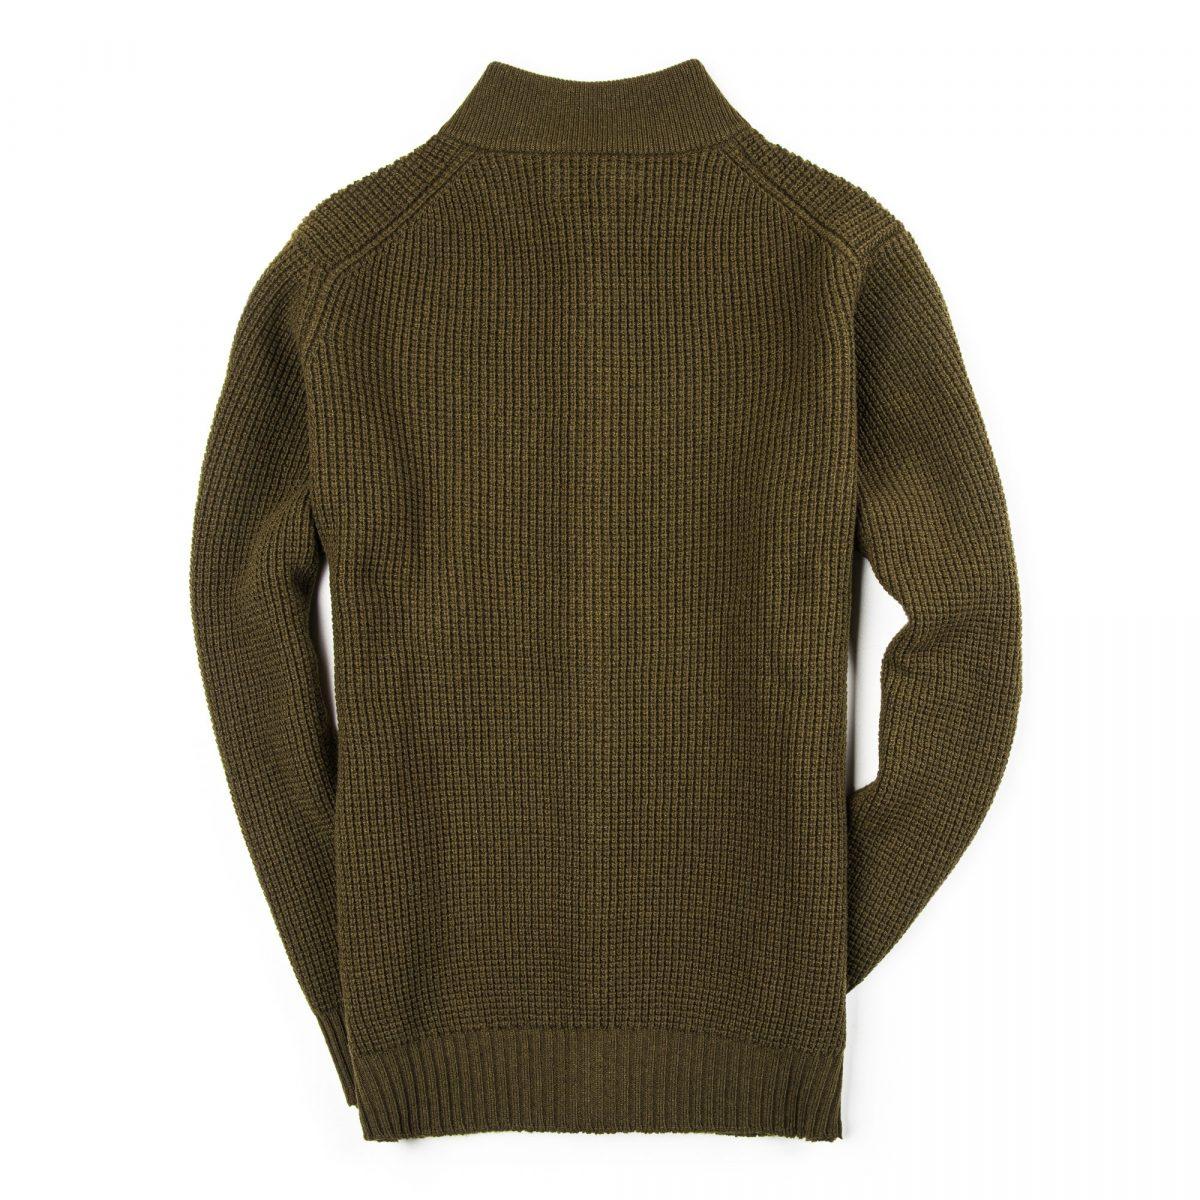 wr_co_knitwear-37047-edit